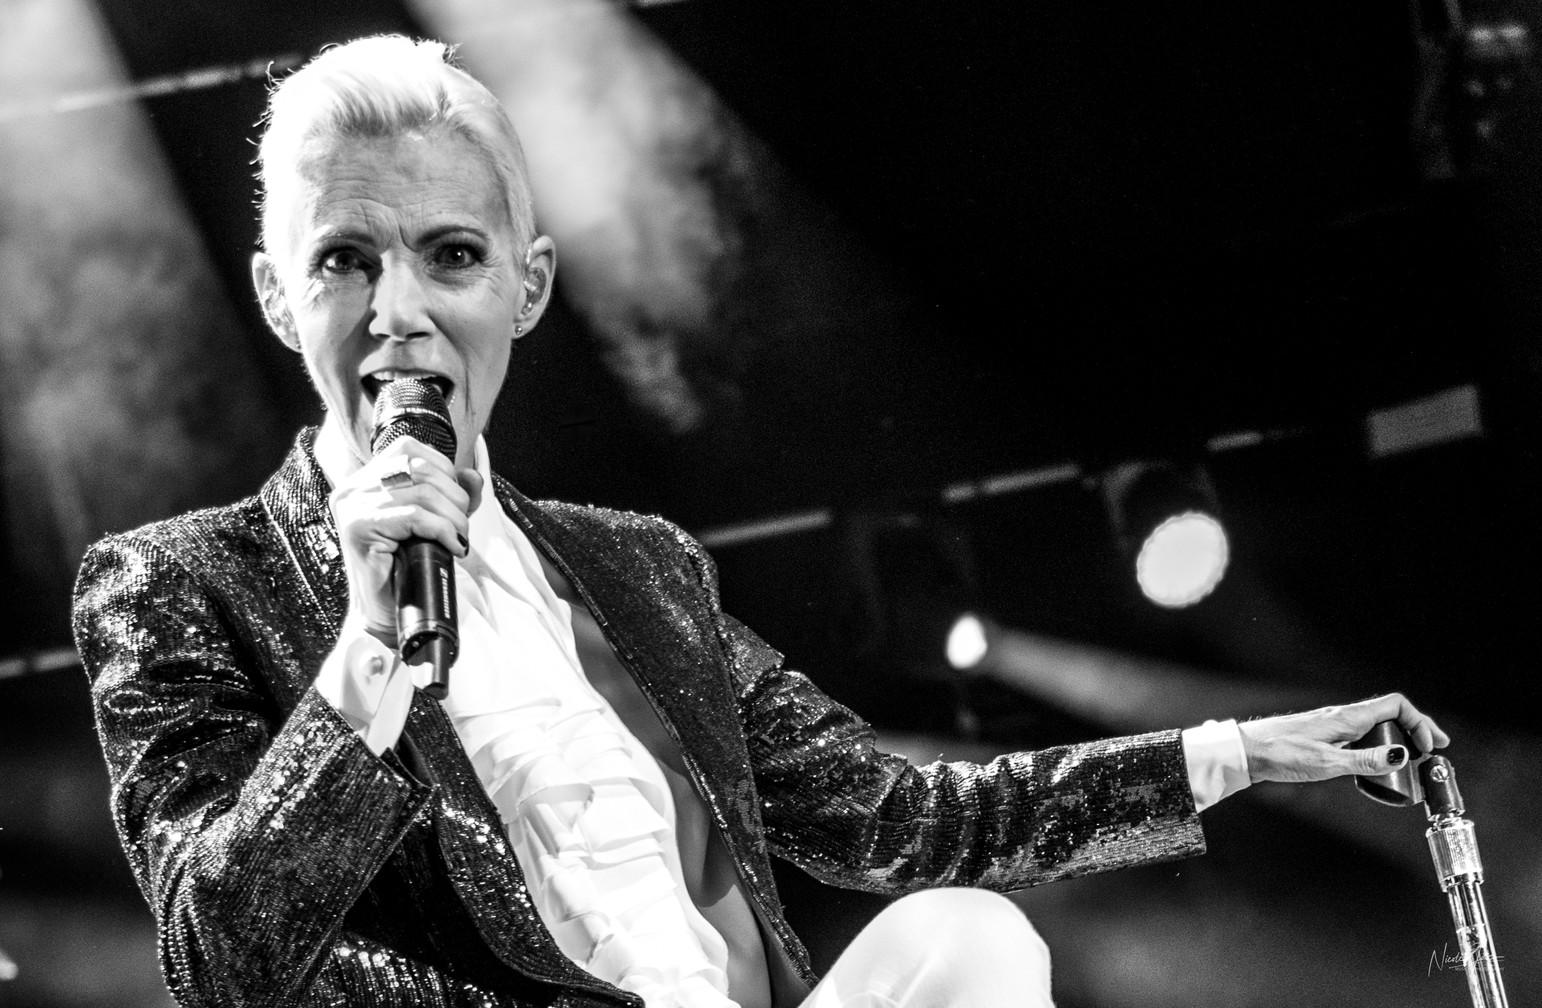 Marie Fredriksson of Roxette